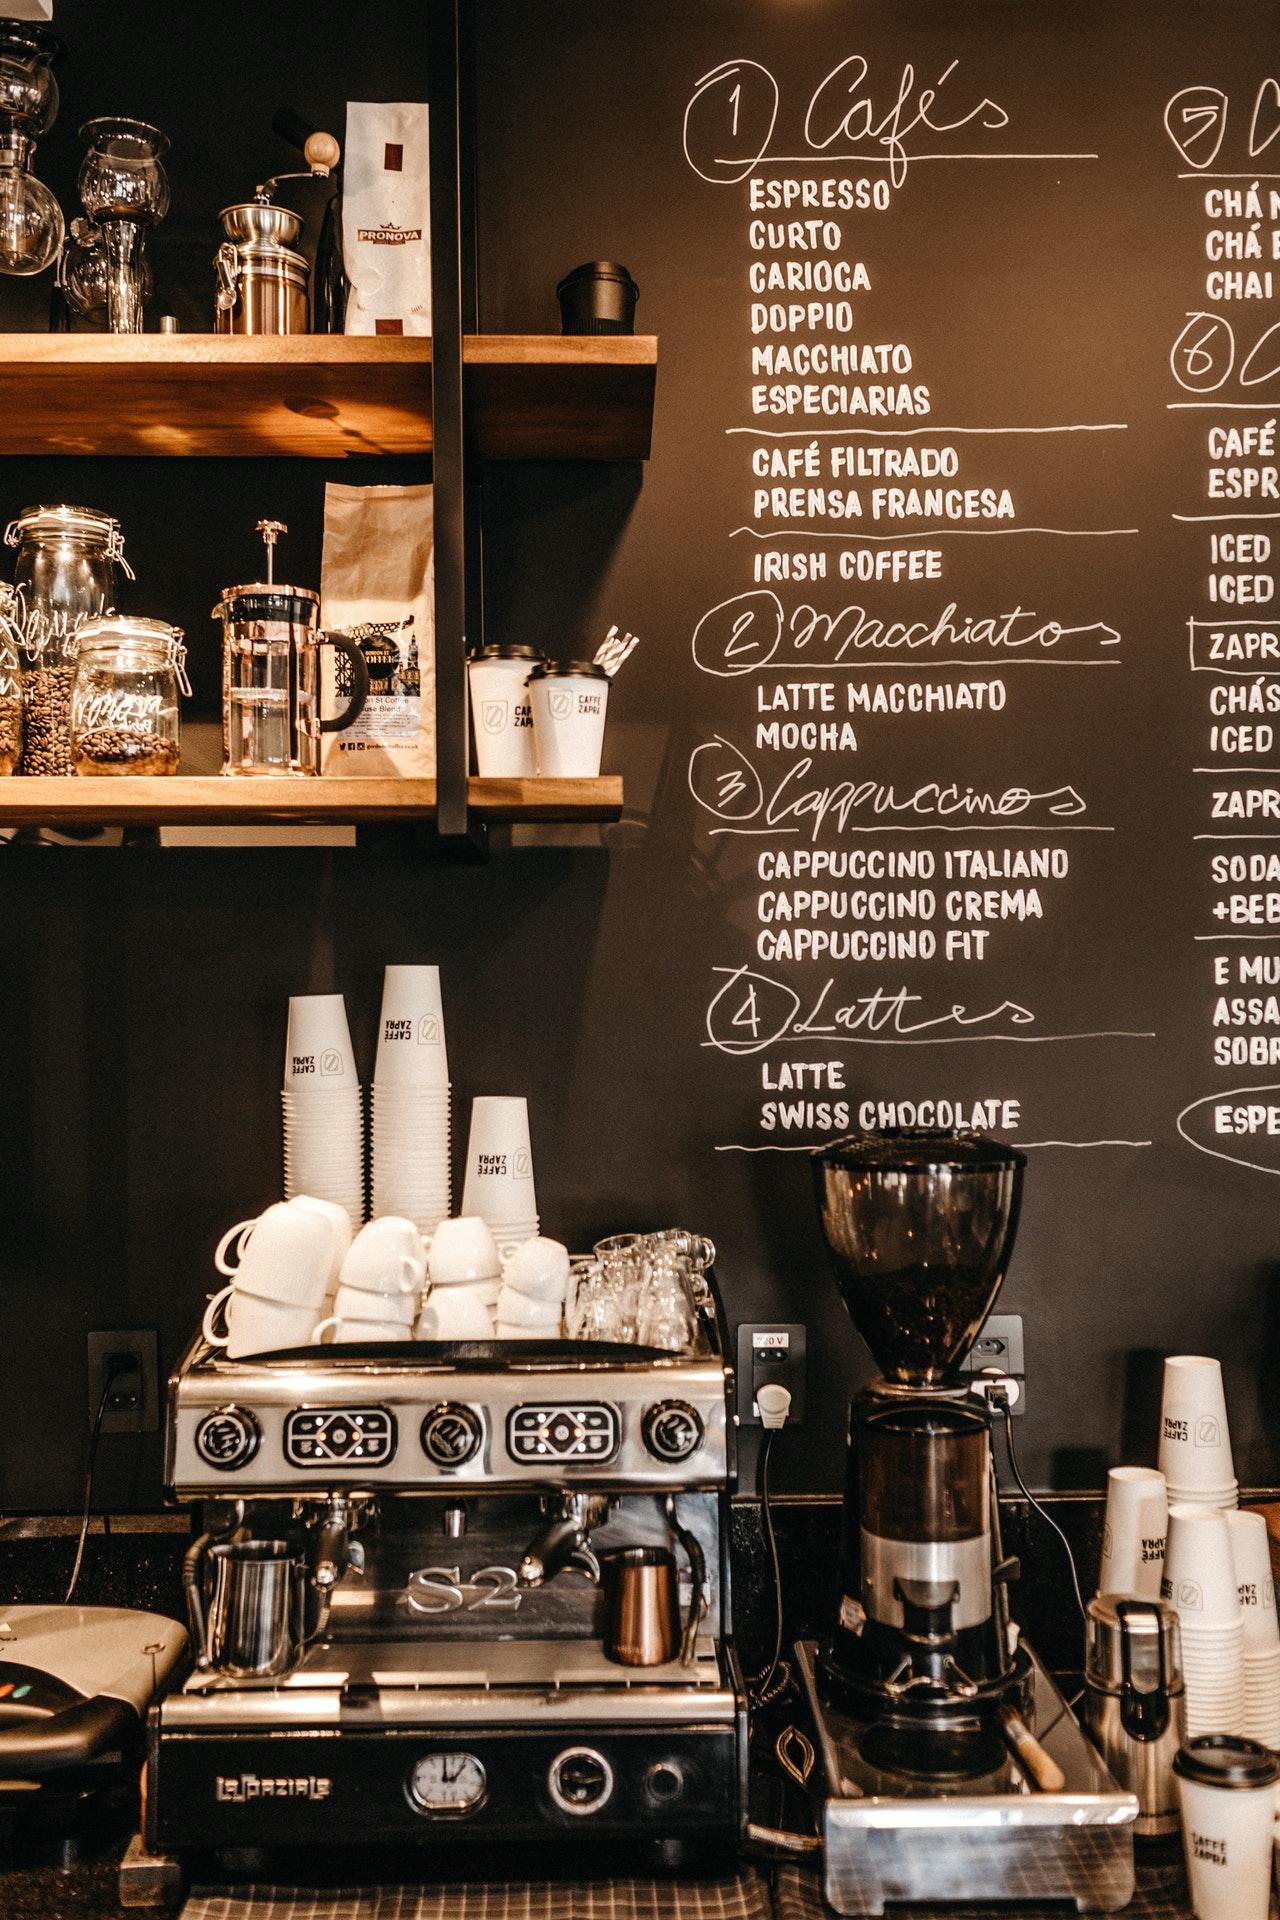 Κορονοϊός: Κλείνουν εμπορικά κέντρα, καφέ, μπαρ και χώροι εστίασης